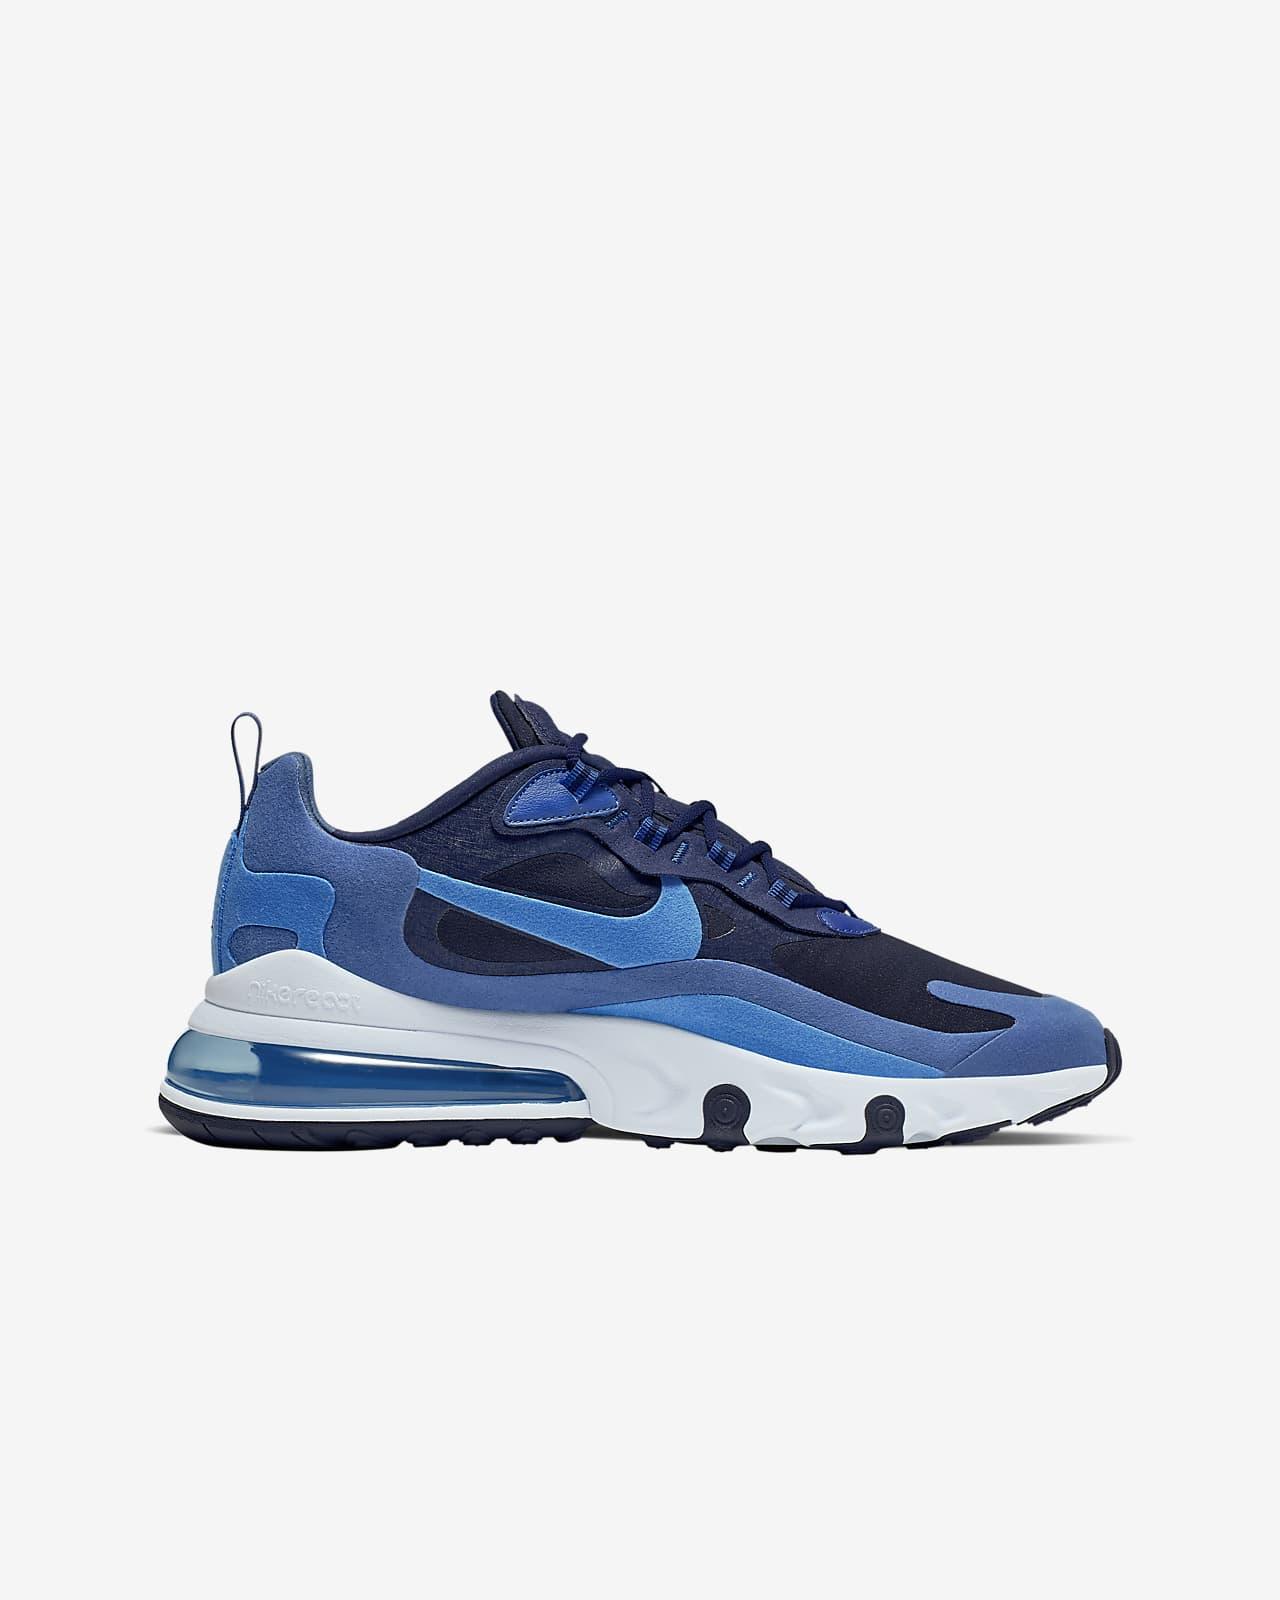 Dramaturgo imán mundo  Nike Air Max 270 React (Impressionism Art) Men's Shoes. Nike.com